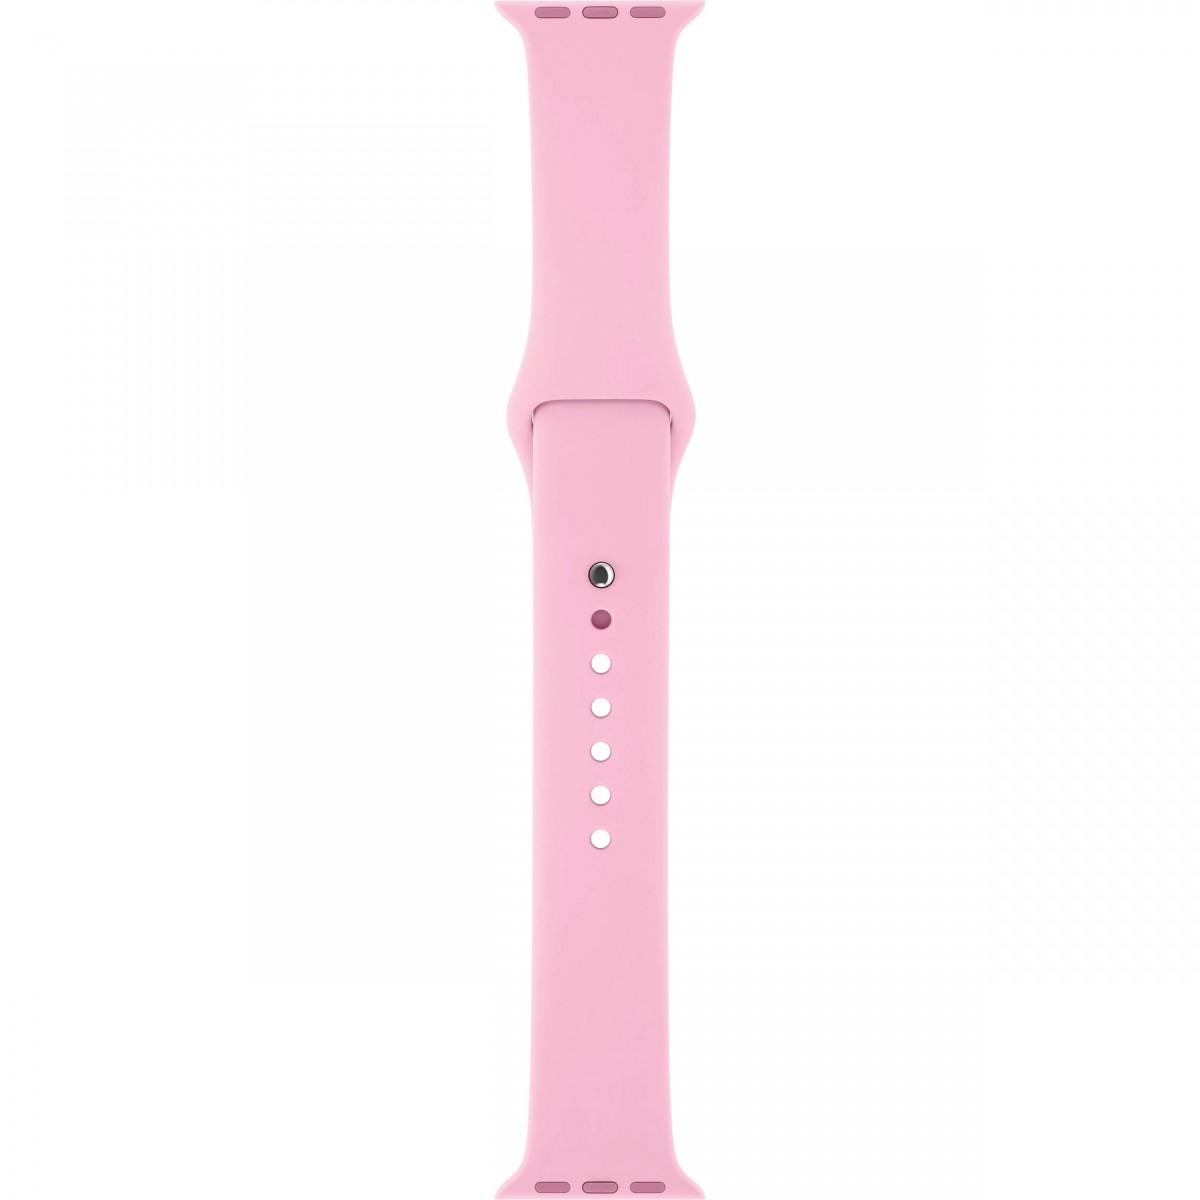 Řemínek SmoothBand pro Apple Watch Series 3/2/1 42mm - Světle růžový